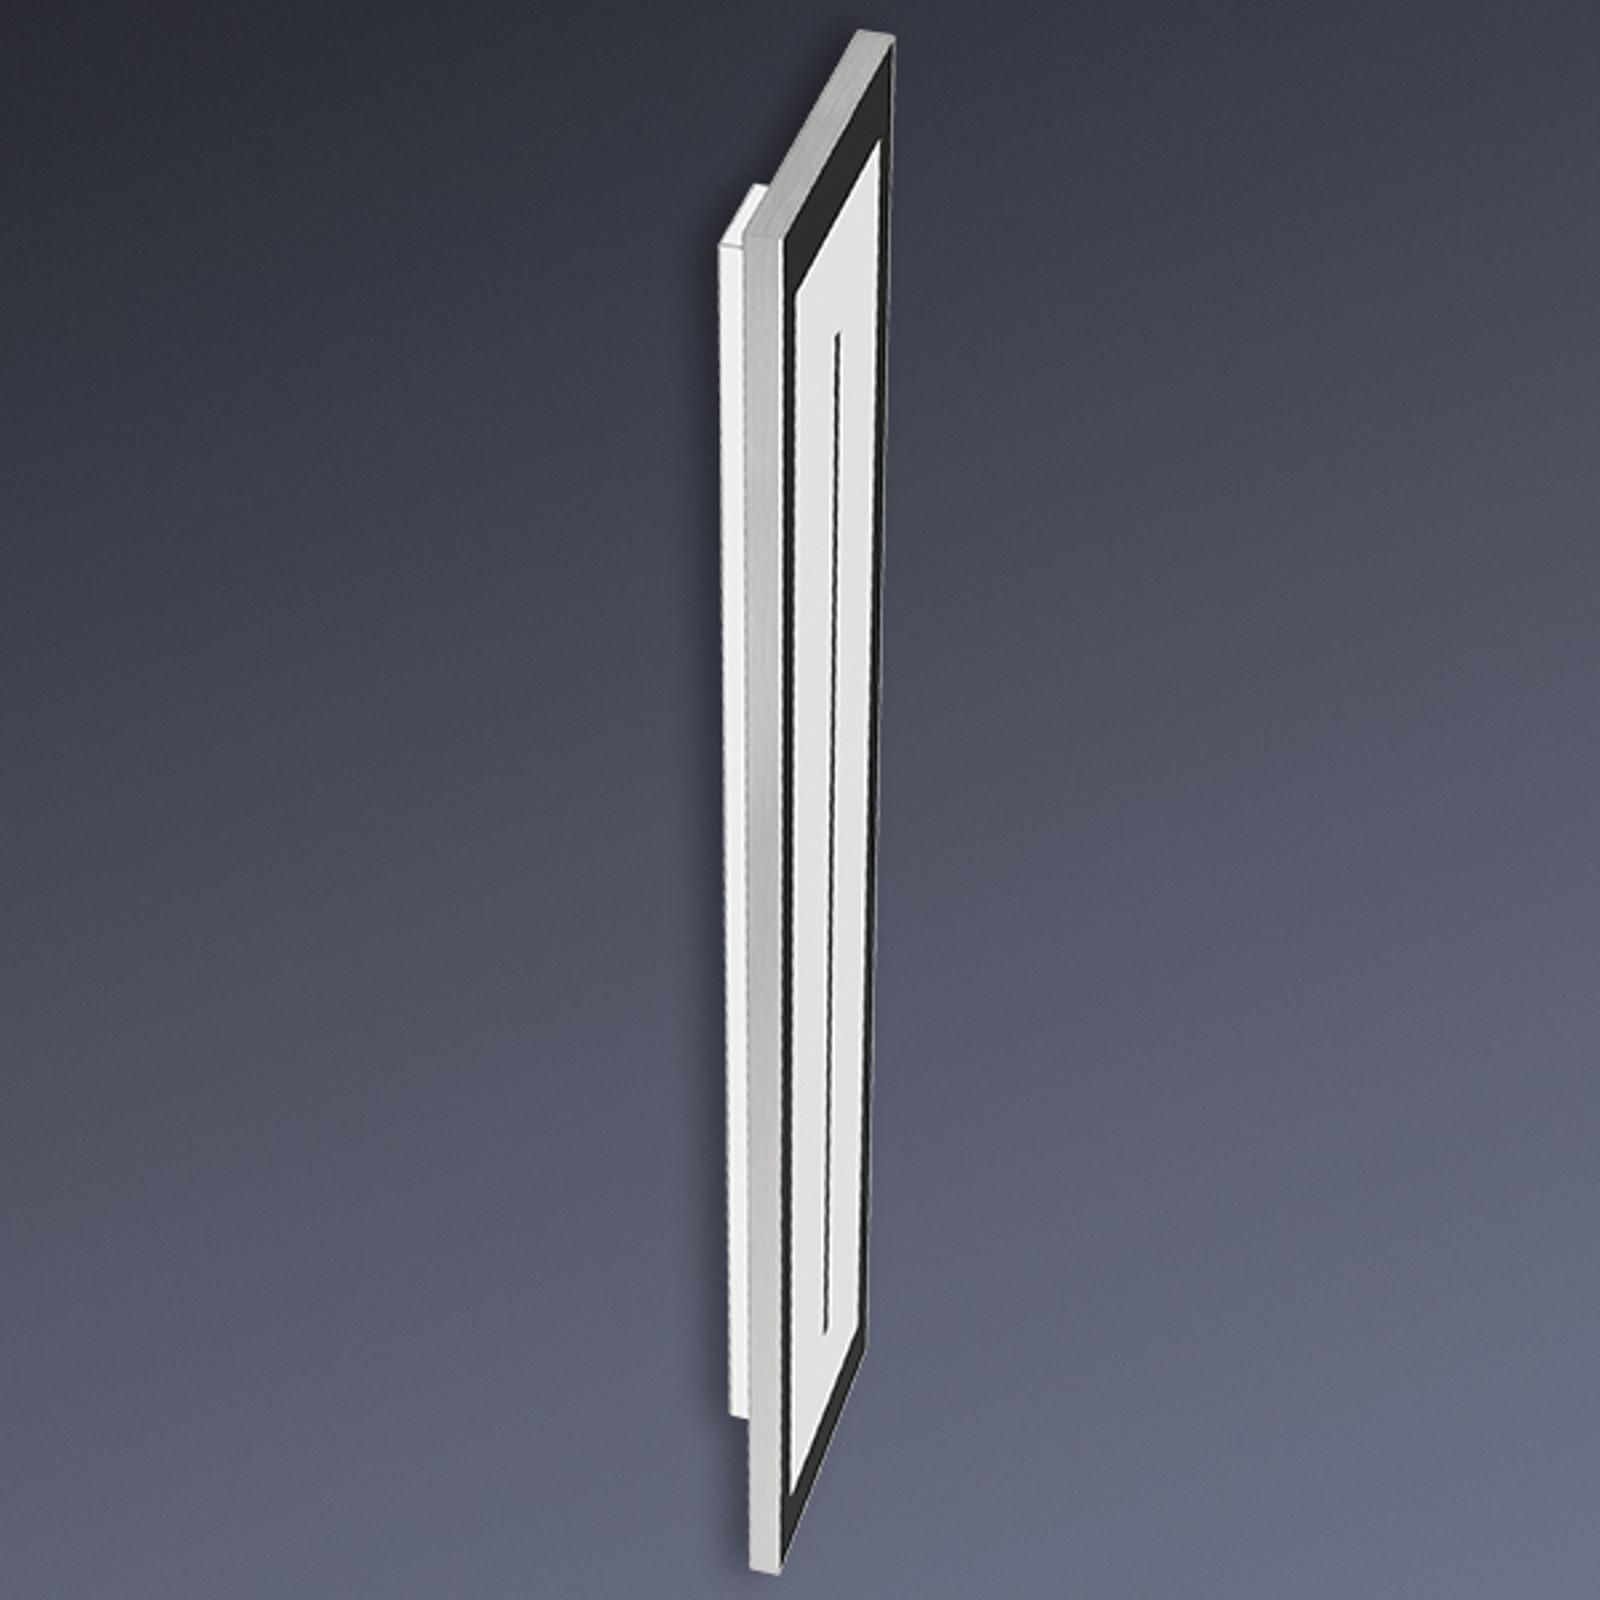 60 cm vysoké – nástěnné LED světlo Zen